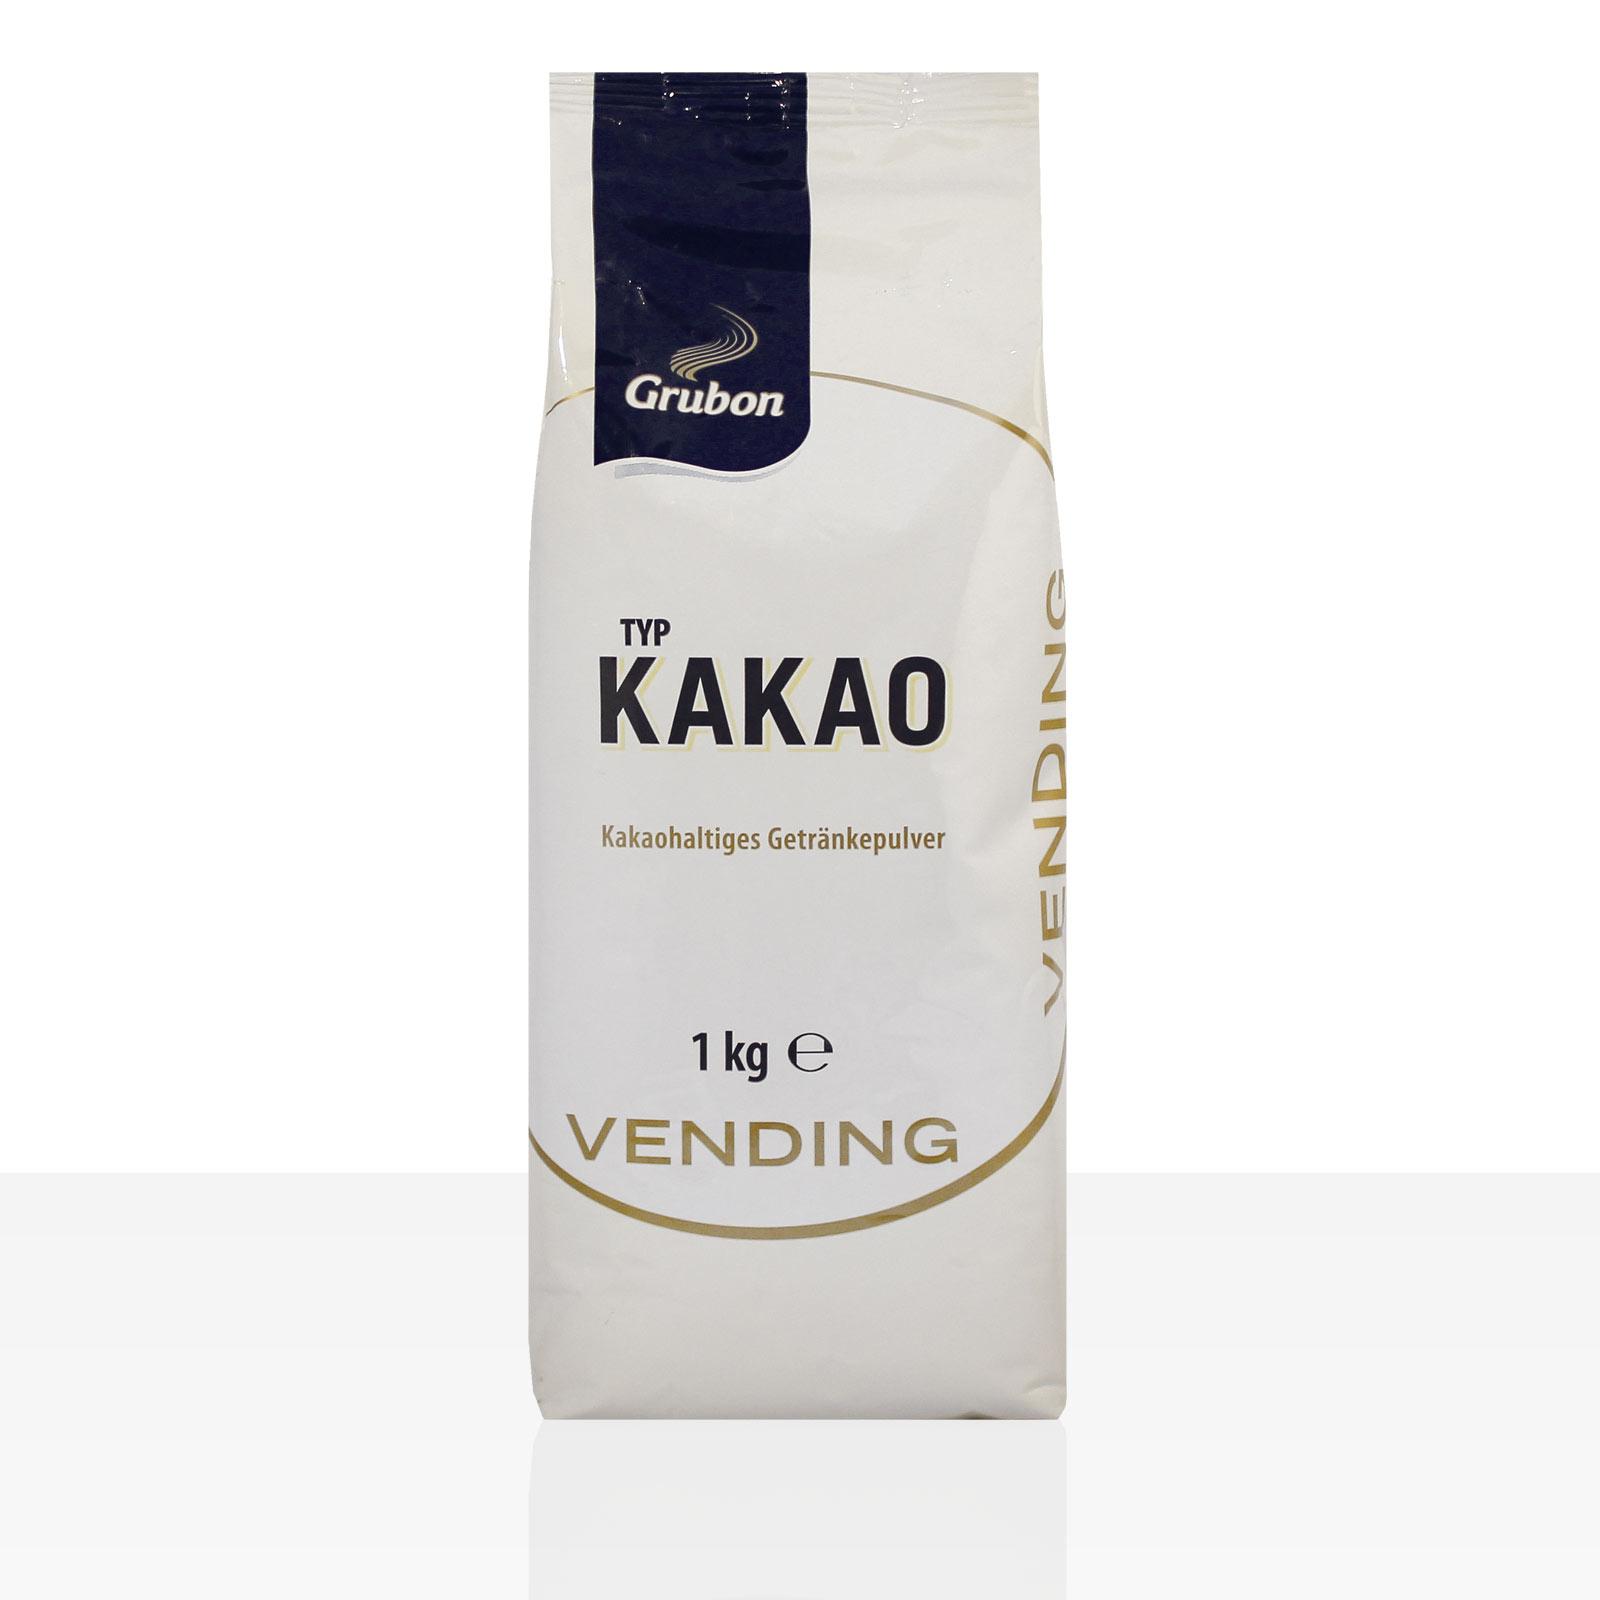 Grubon Choco Clou MMP UE37 Kakao 1kg, Kakaoanteil 14%